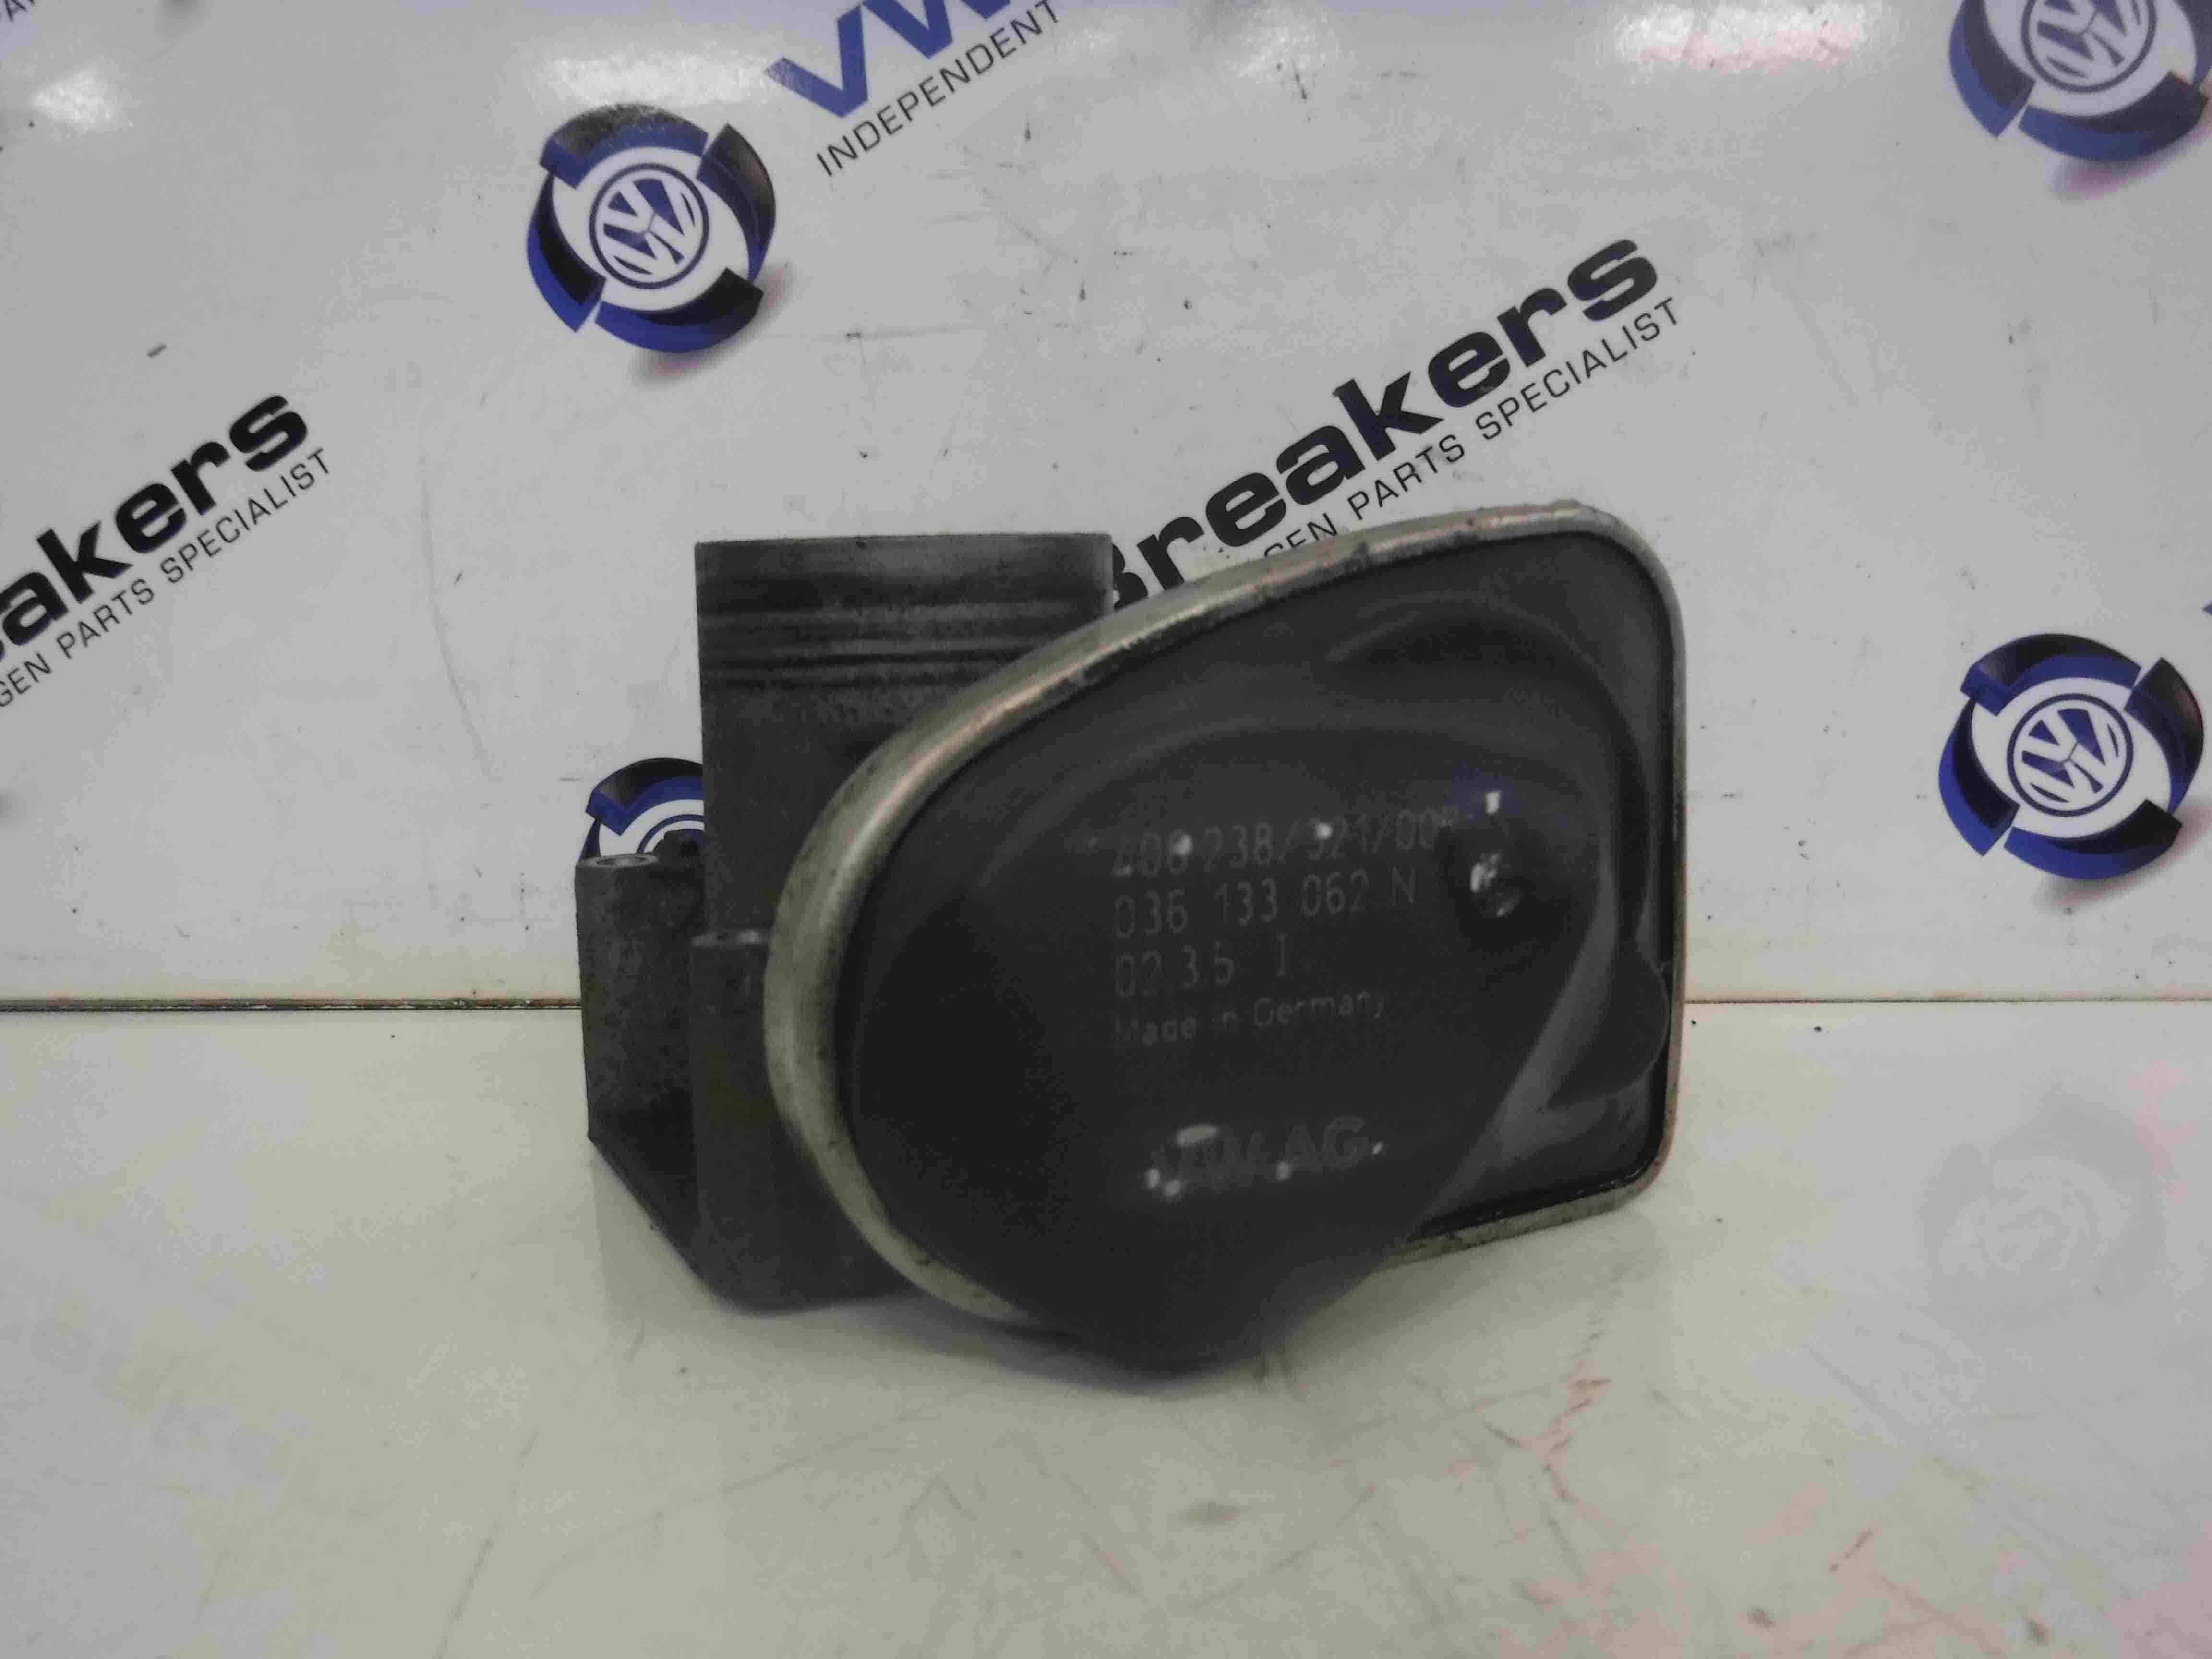 Volkswagen Polo 2003-2006 9N 1.4 Throttle Body 036133062N